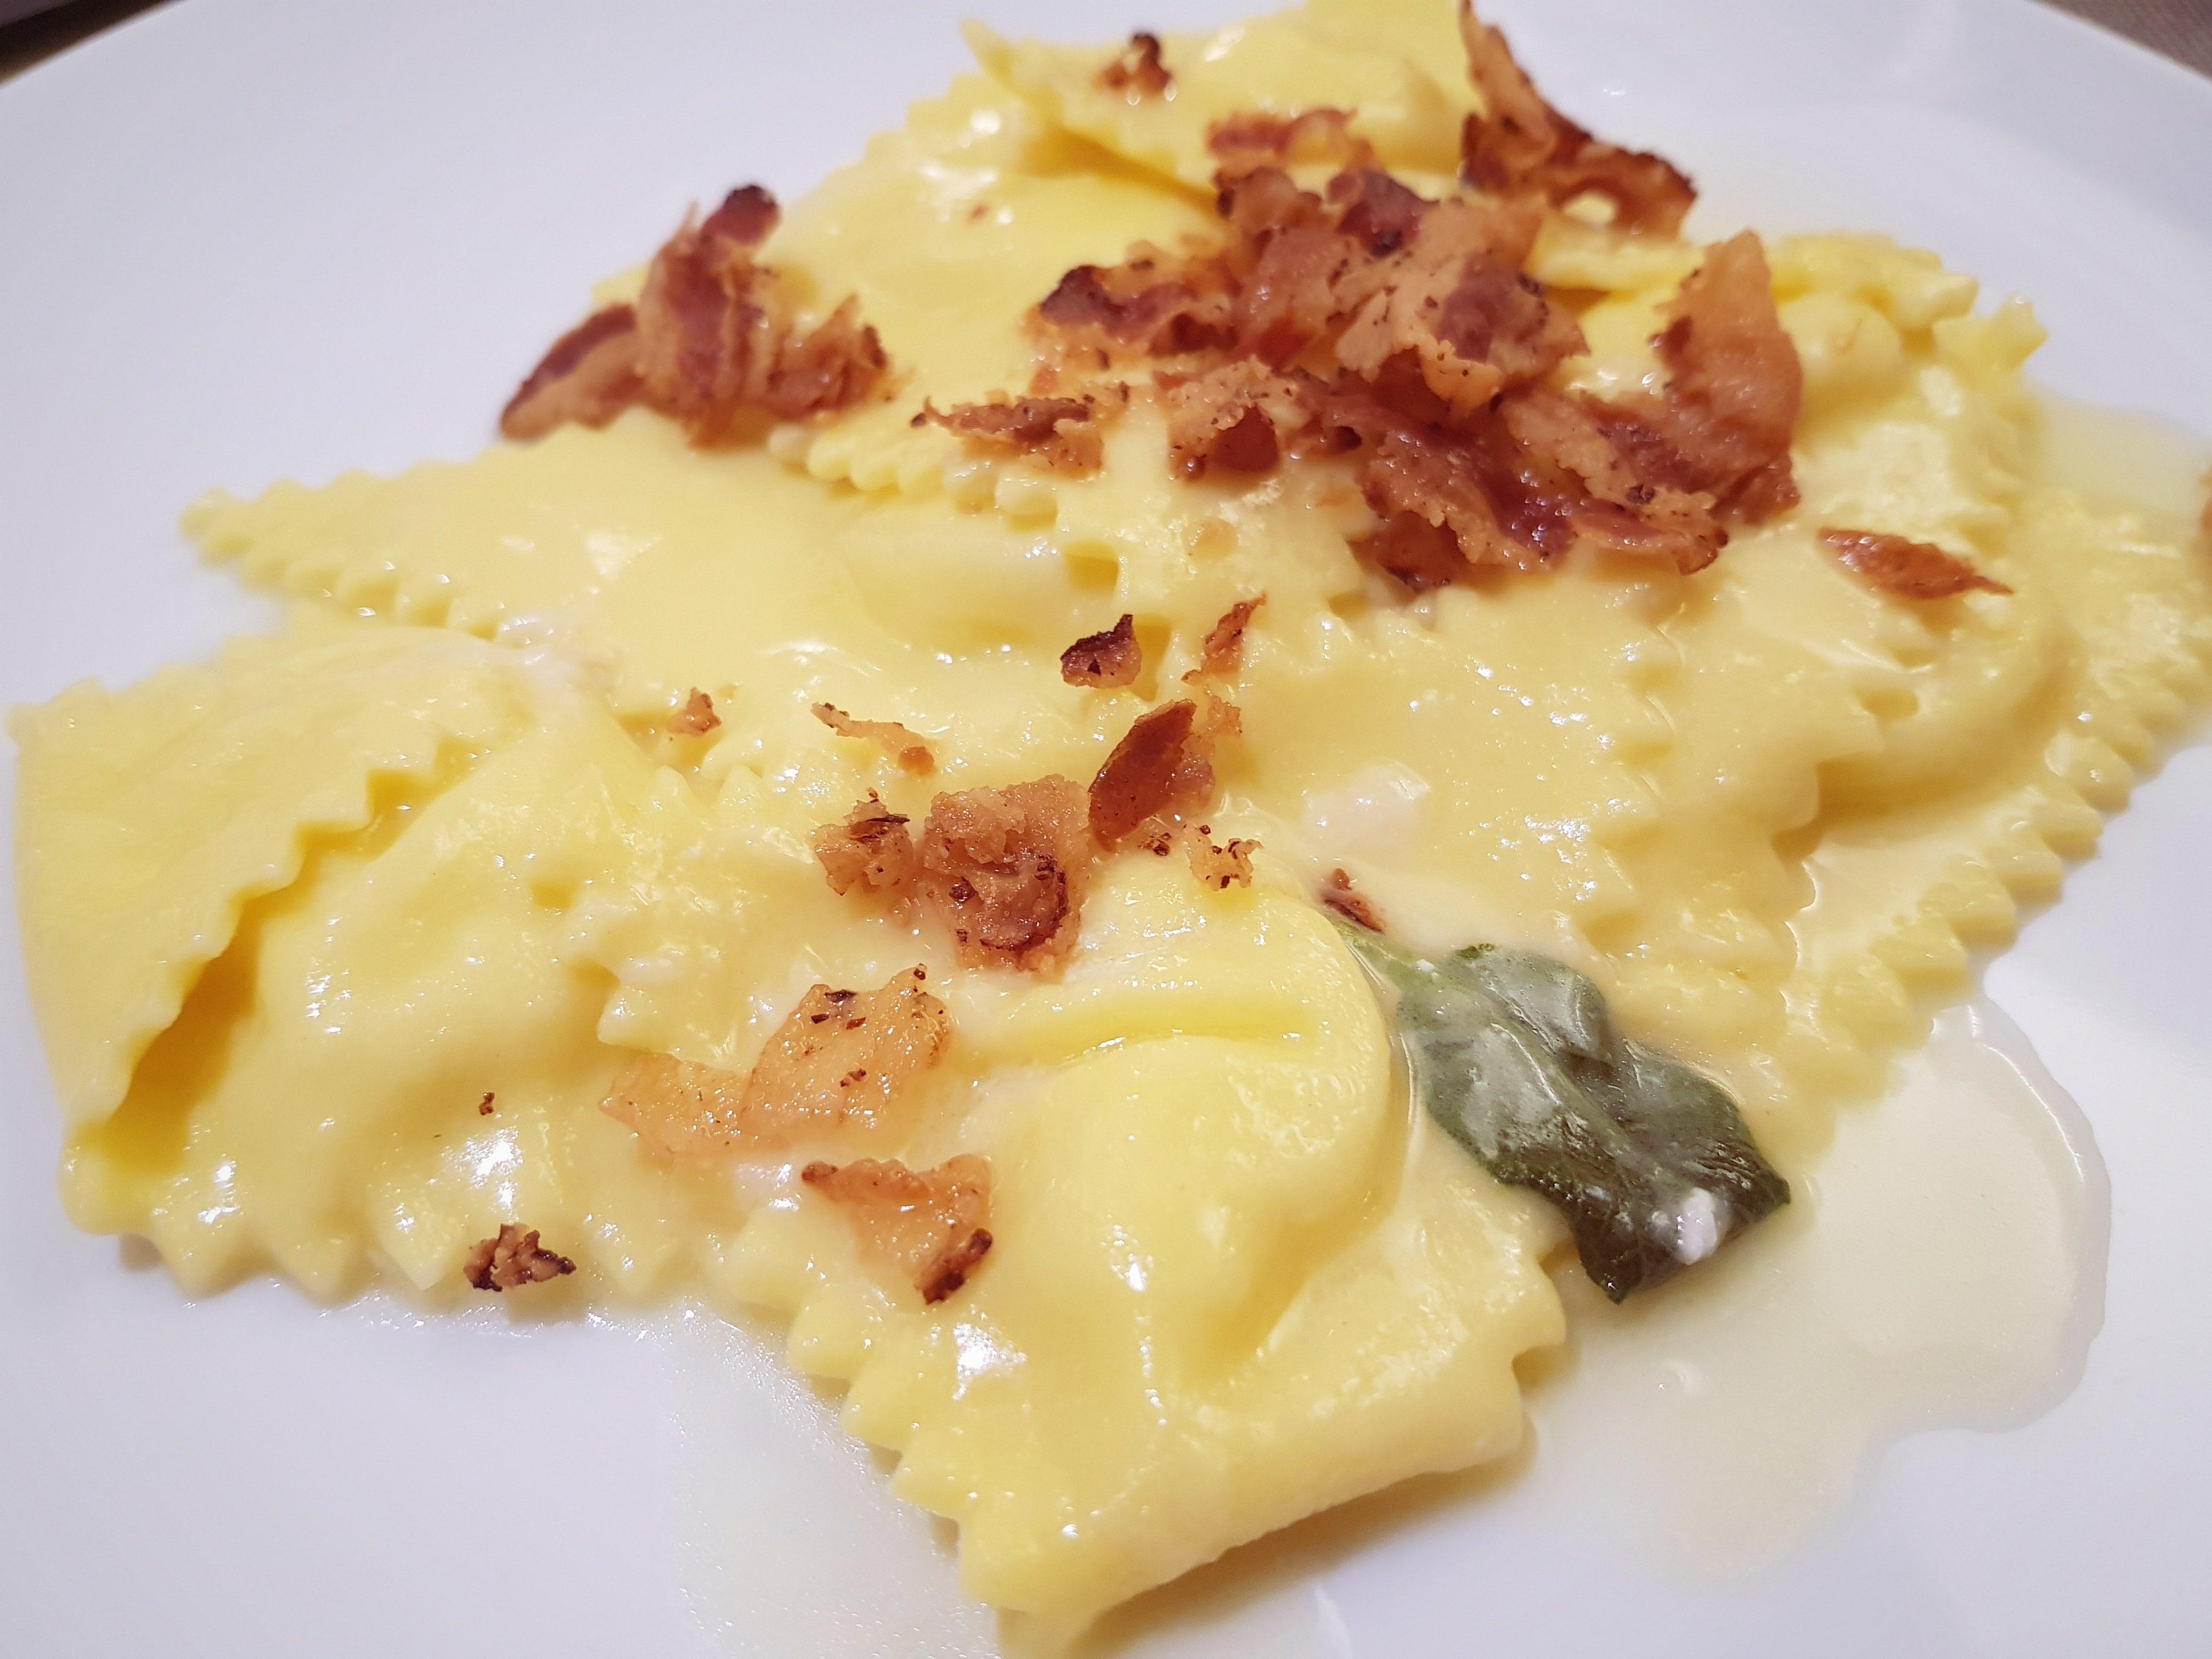 Ricetta Ravioli Patate.Ravioli Ripieni Di Patate Con Pancetta Croccante Romagnoli F Lli Spa